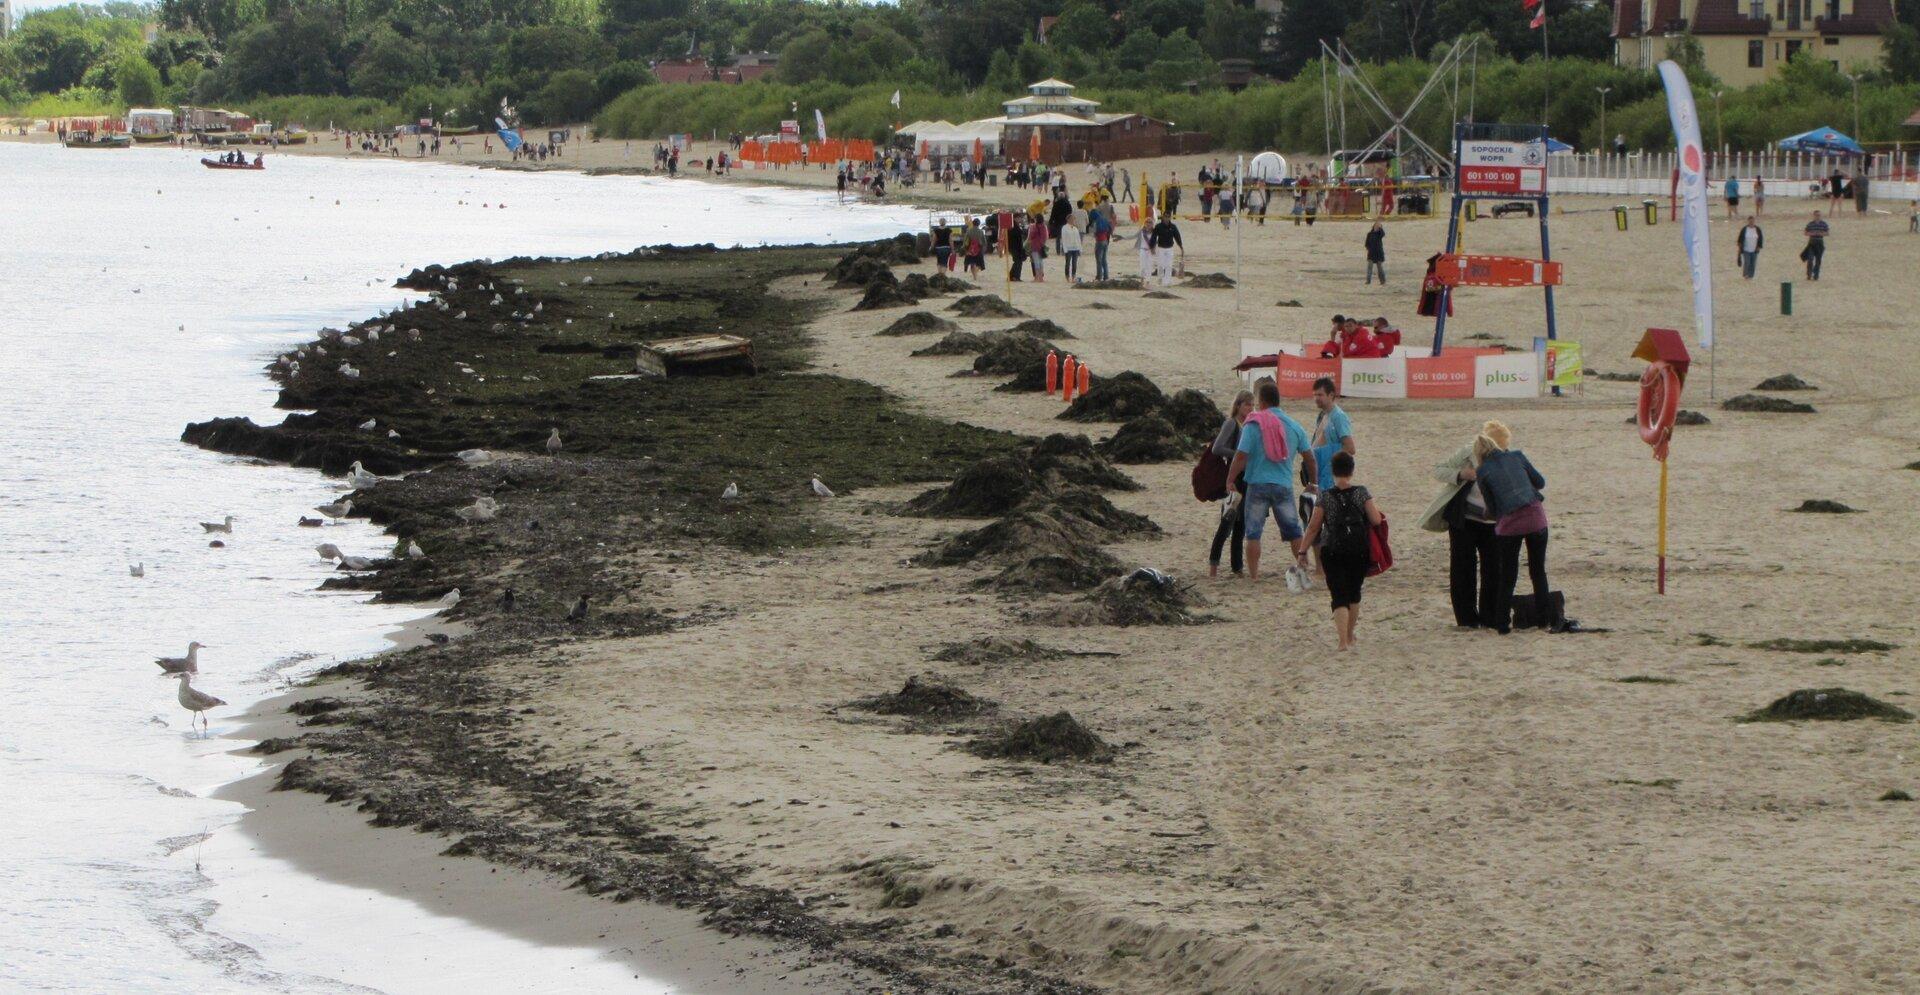 Na zdjęciu zanieczyszczenia na plaży, ciemniejsze plamy. Zanieczyszczenia zagrabione na stosy.